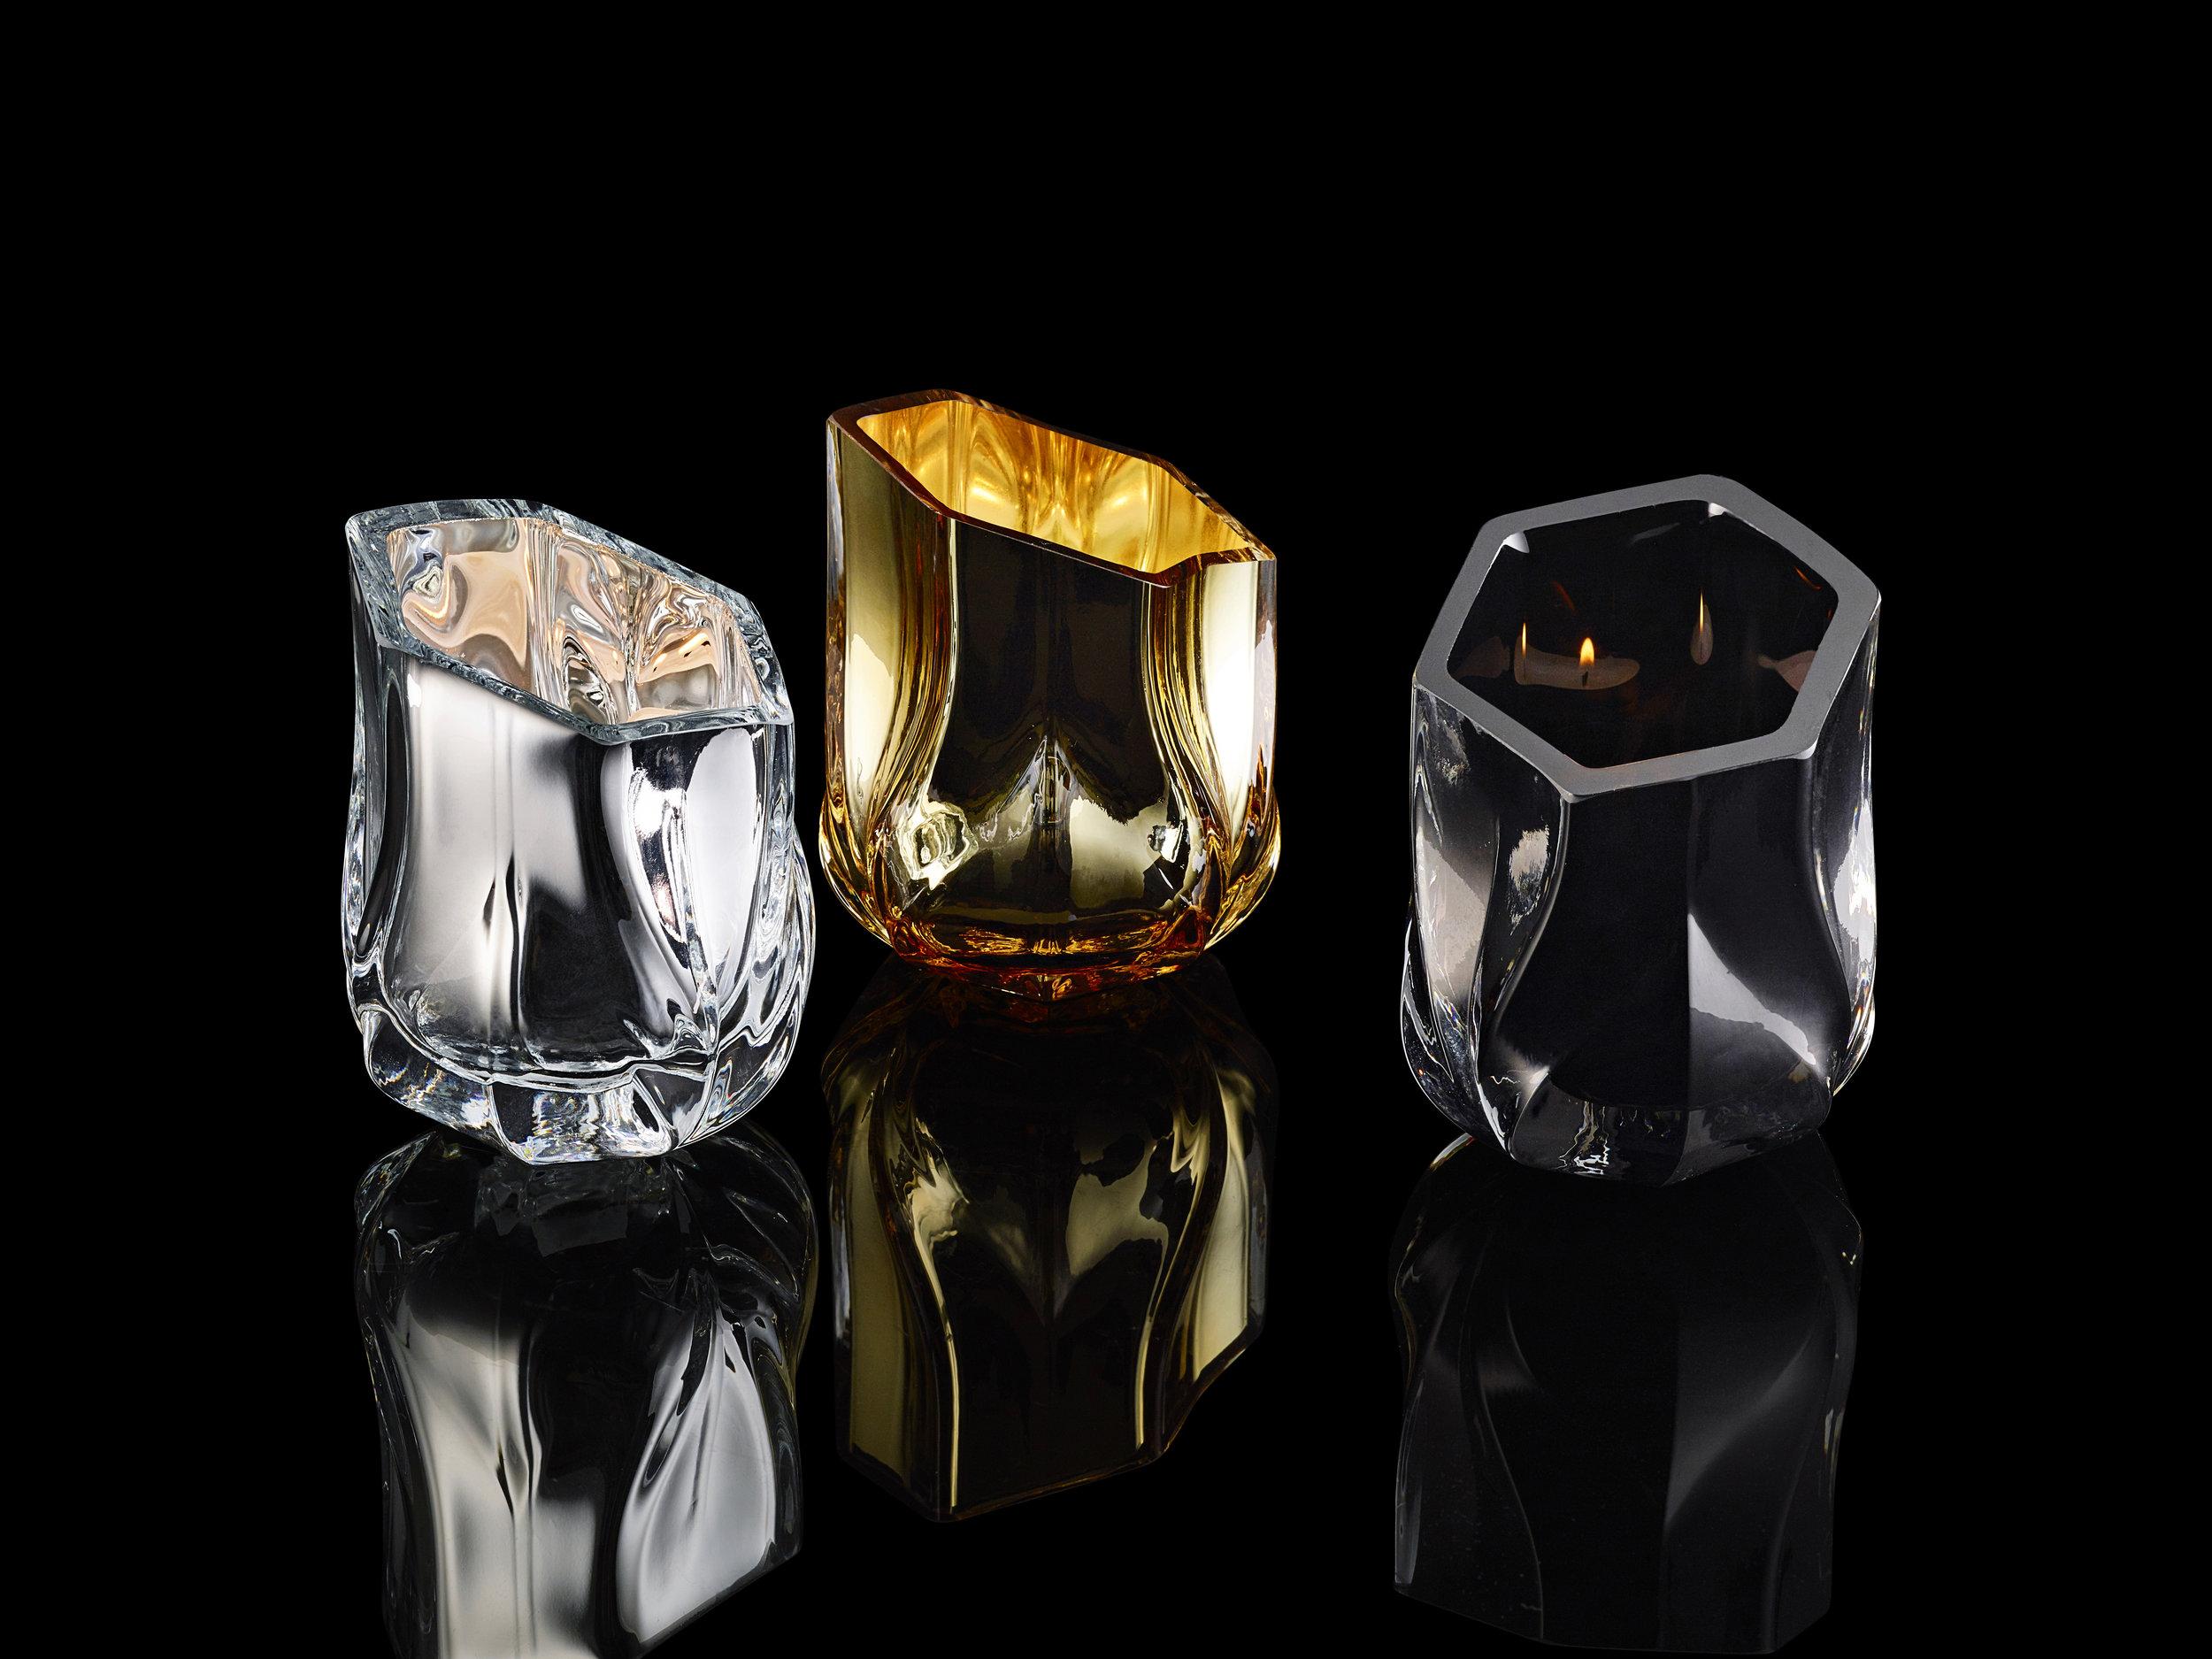 Подсвечники Braid изготовлены из сложной смеси стекла, стали, пластика и костяного фарфора..jpg